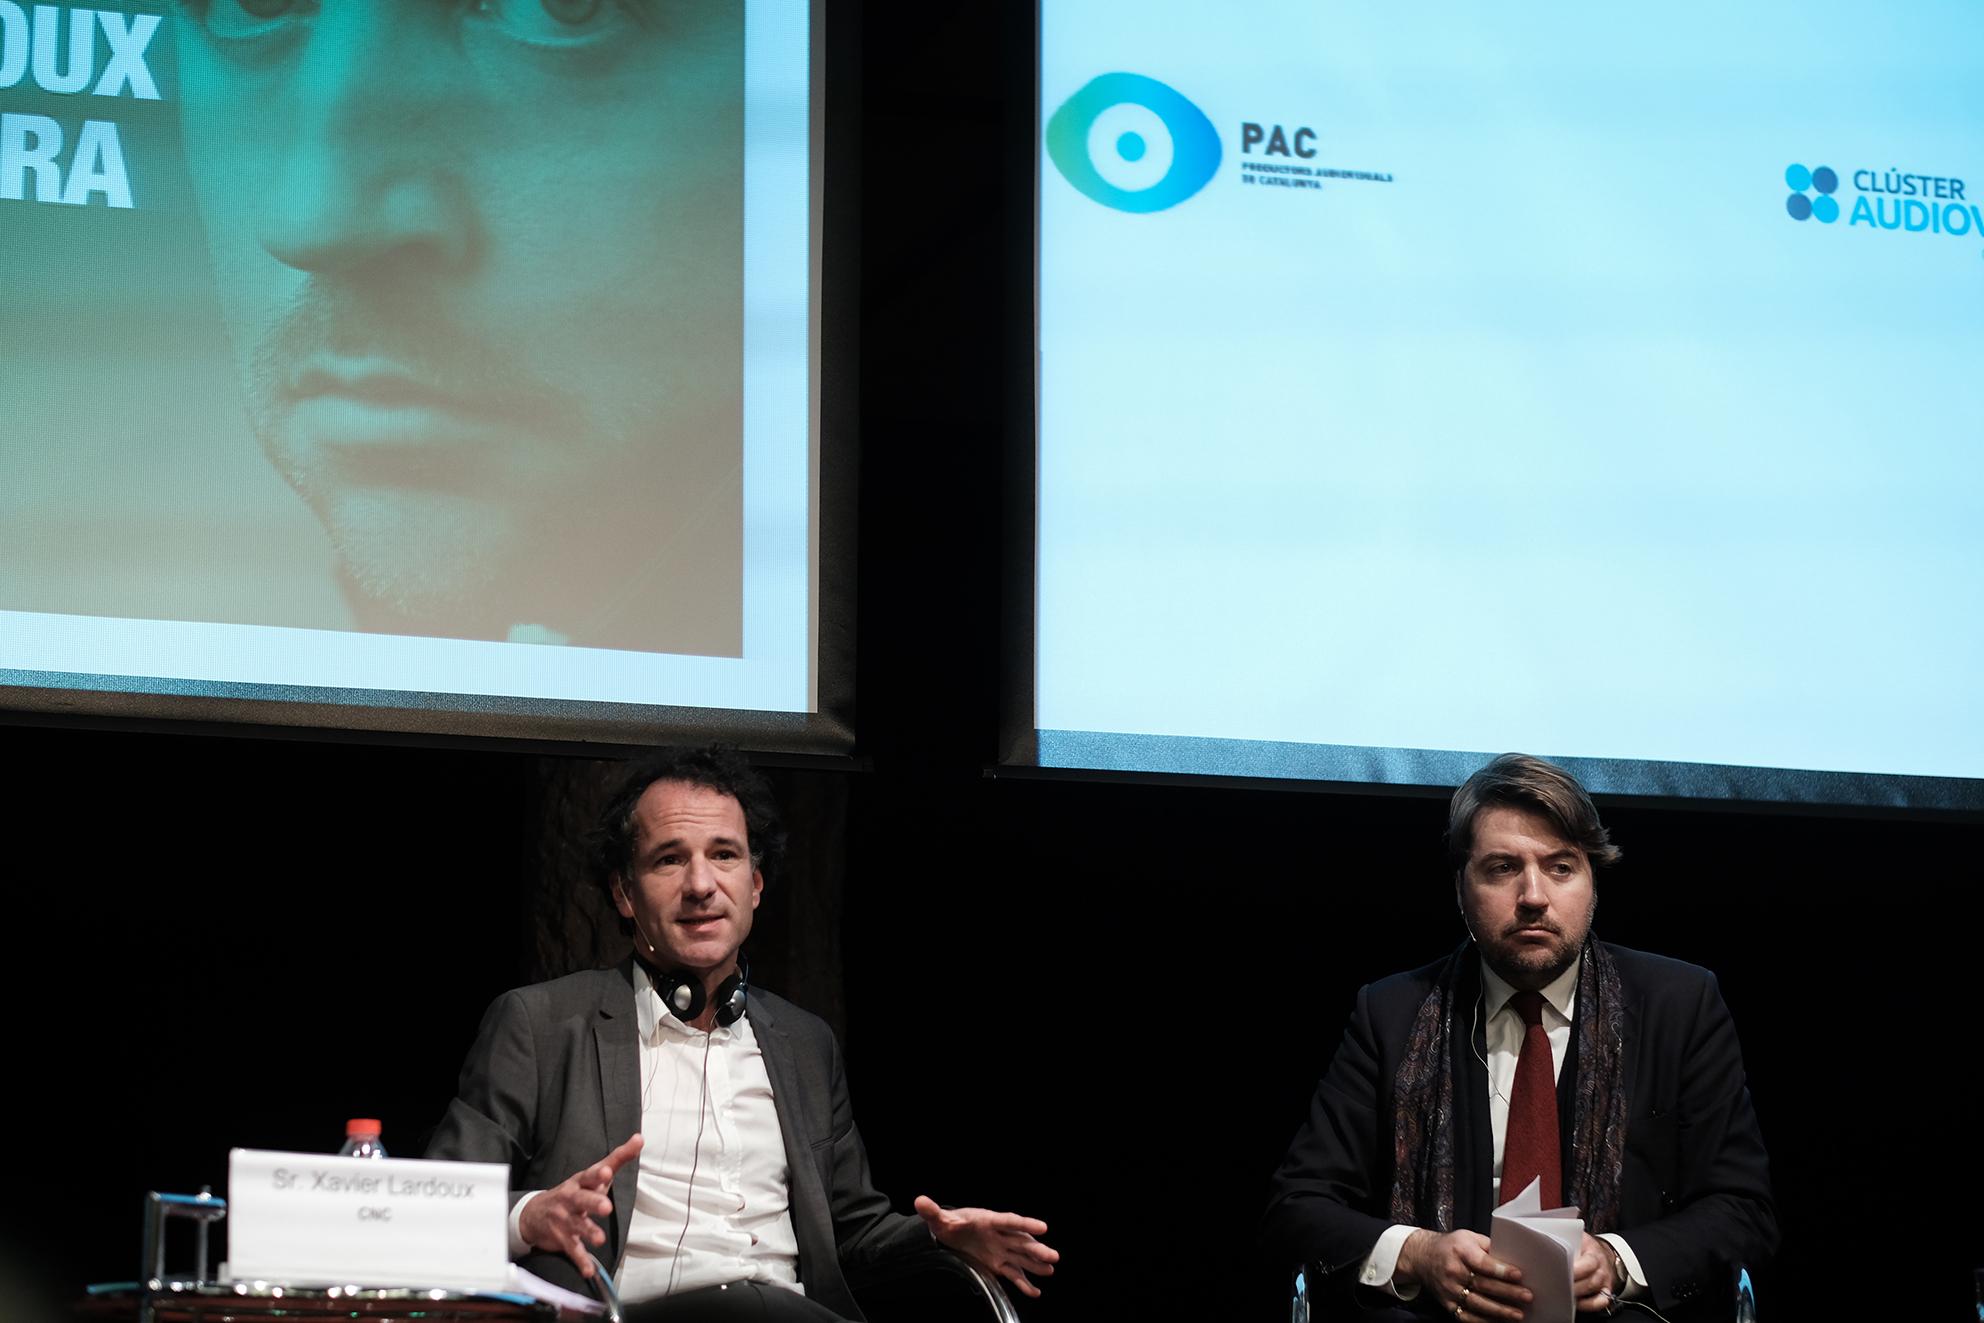 Xavier Lardoux i Albert Serra